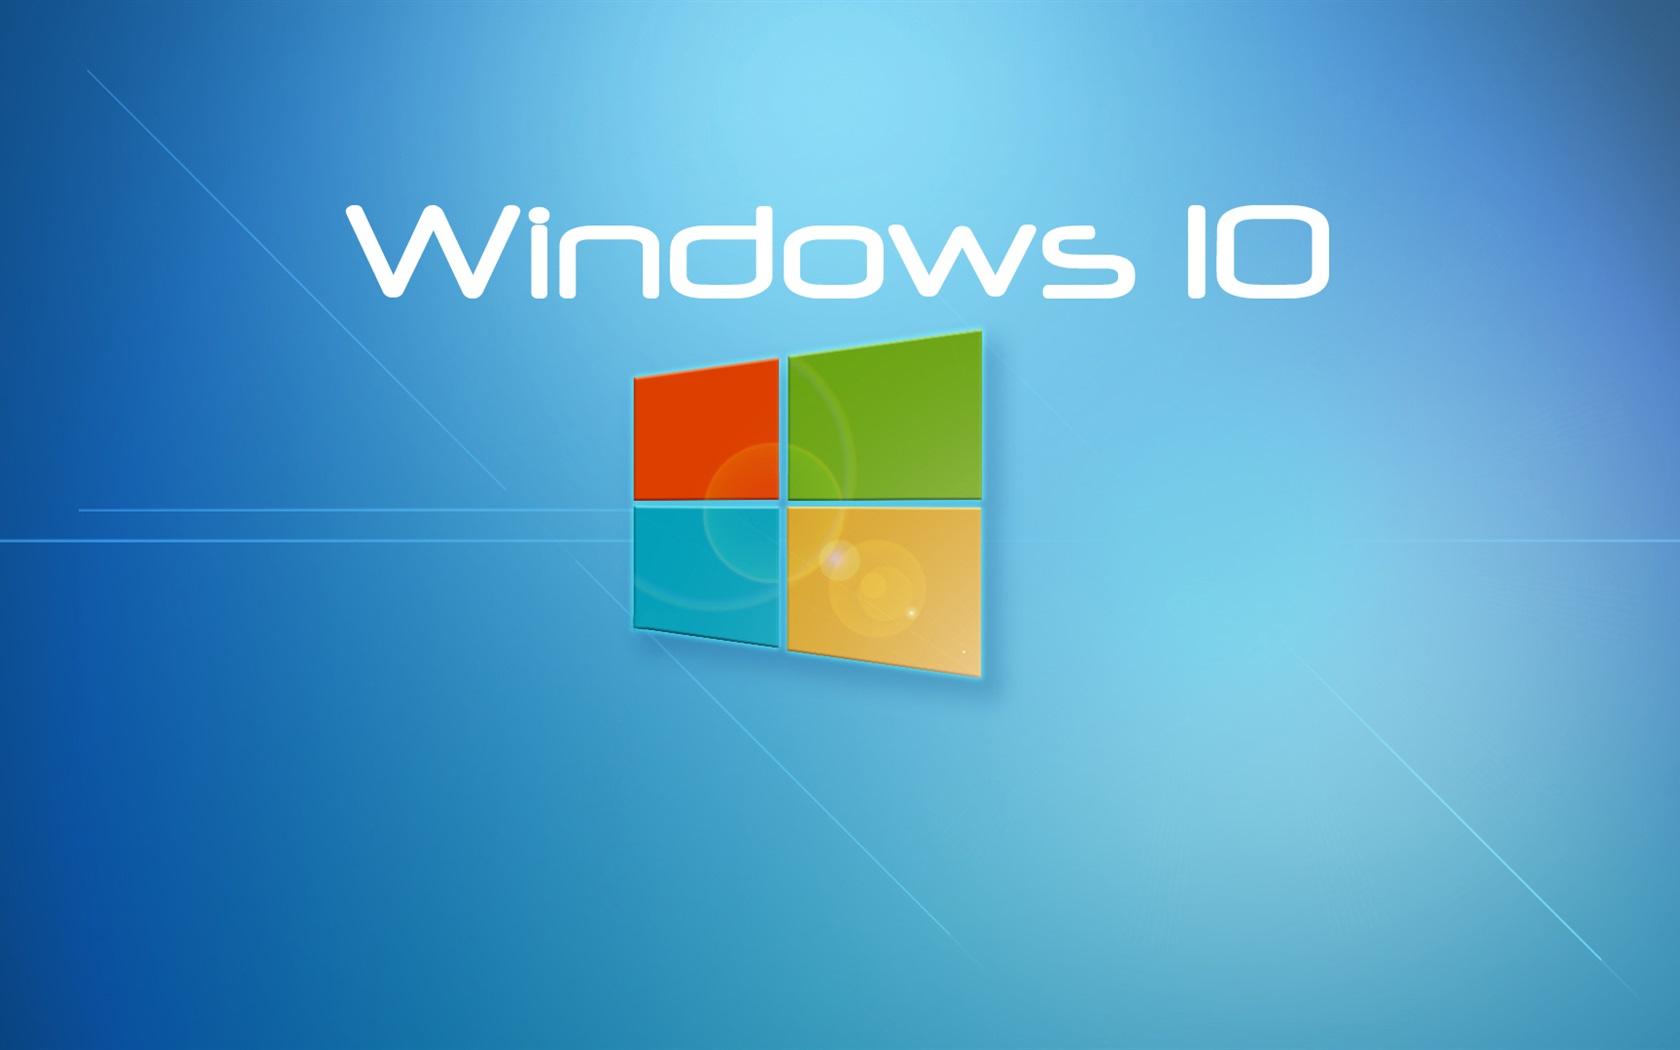 Fonds d 39 cran windows 10 syst me fond bleu 1920x1080 full - Windows 10 4k wallpaper pack ...